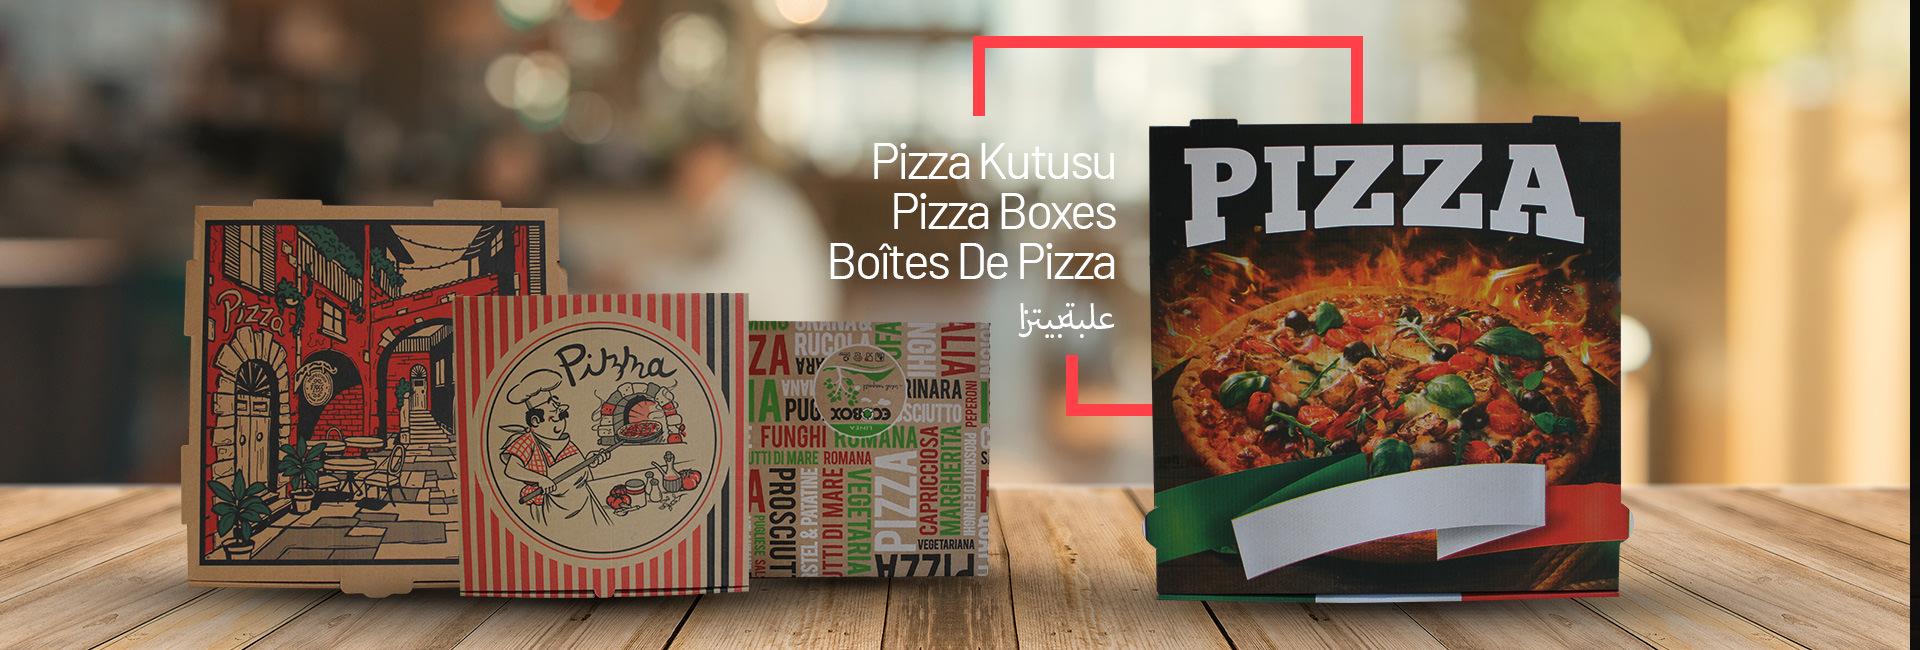 Fatmer Dış Ticaret: Kraft Kağıt Poşet, Pizza Kutusu İmalatı